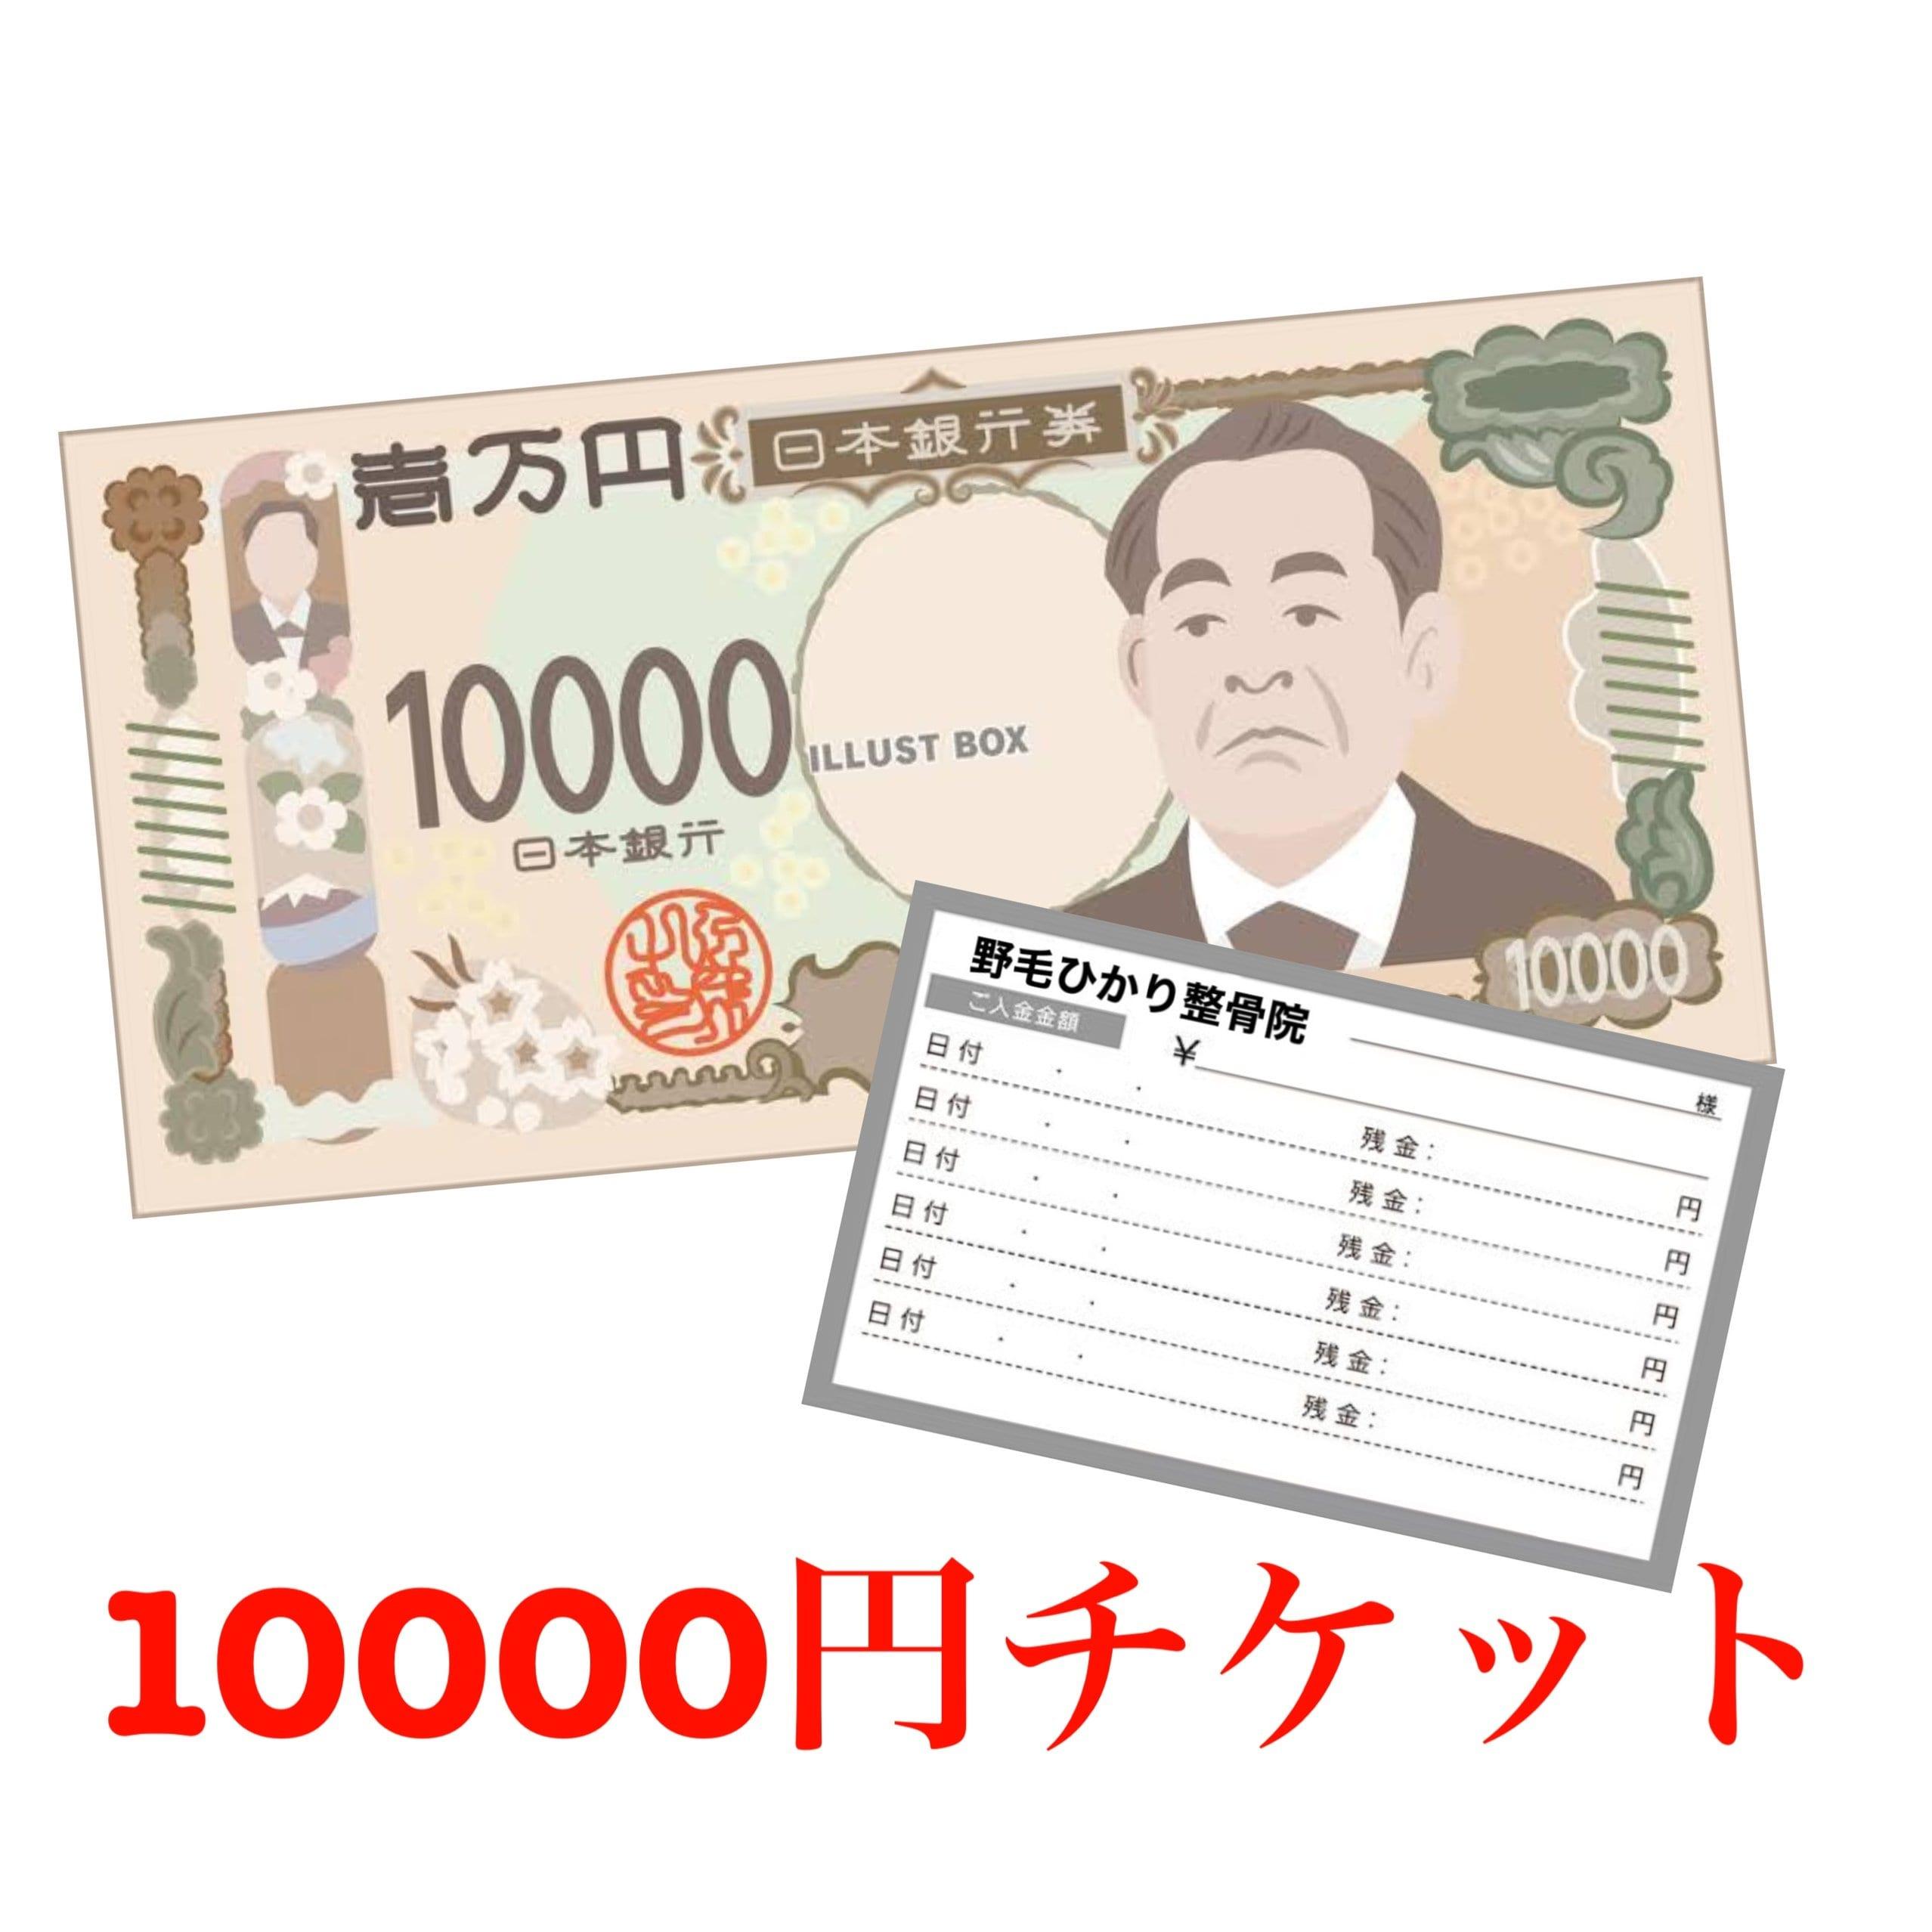 10000円チケットのイメージその1